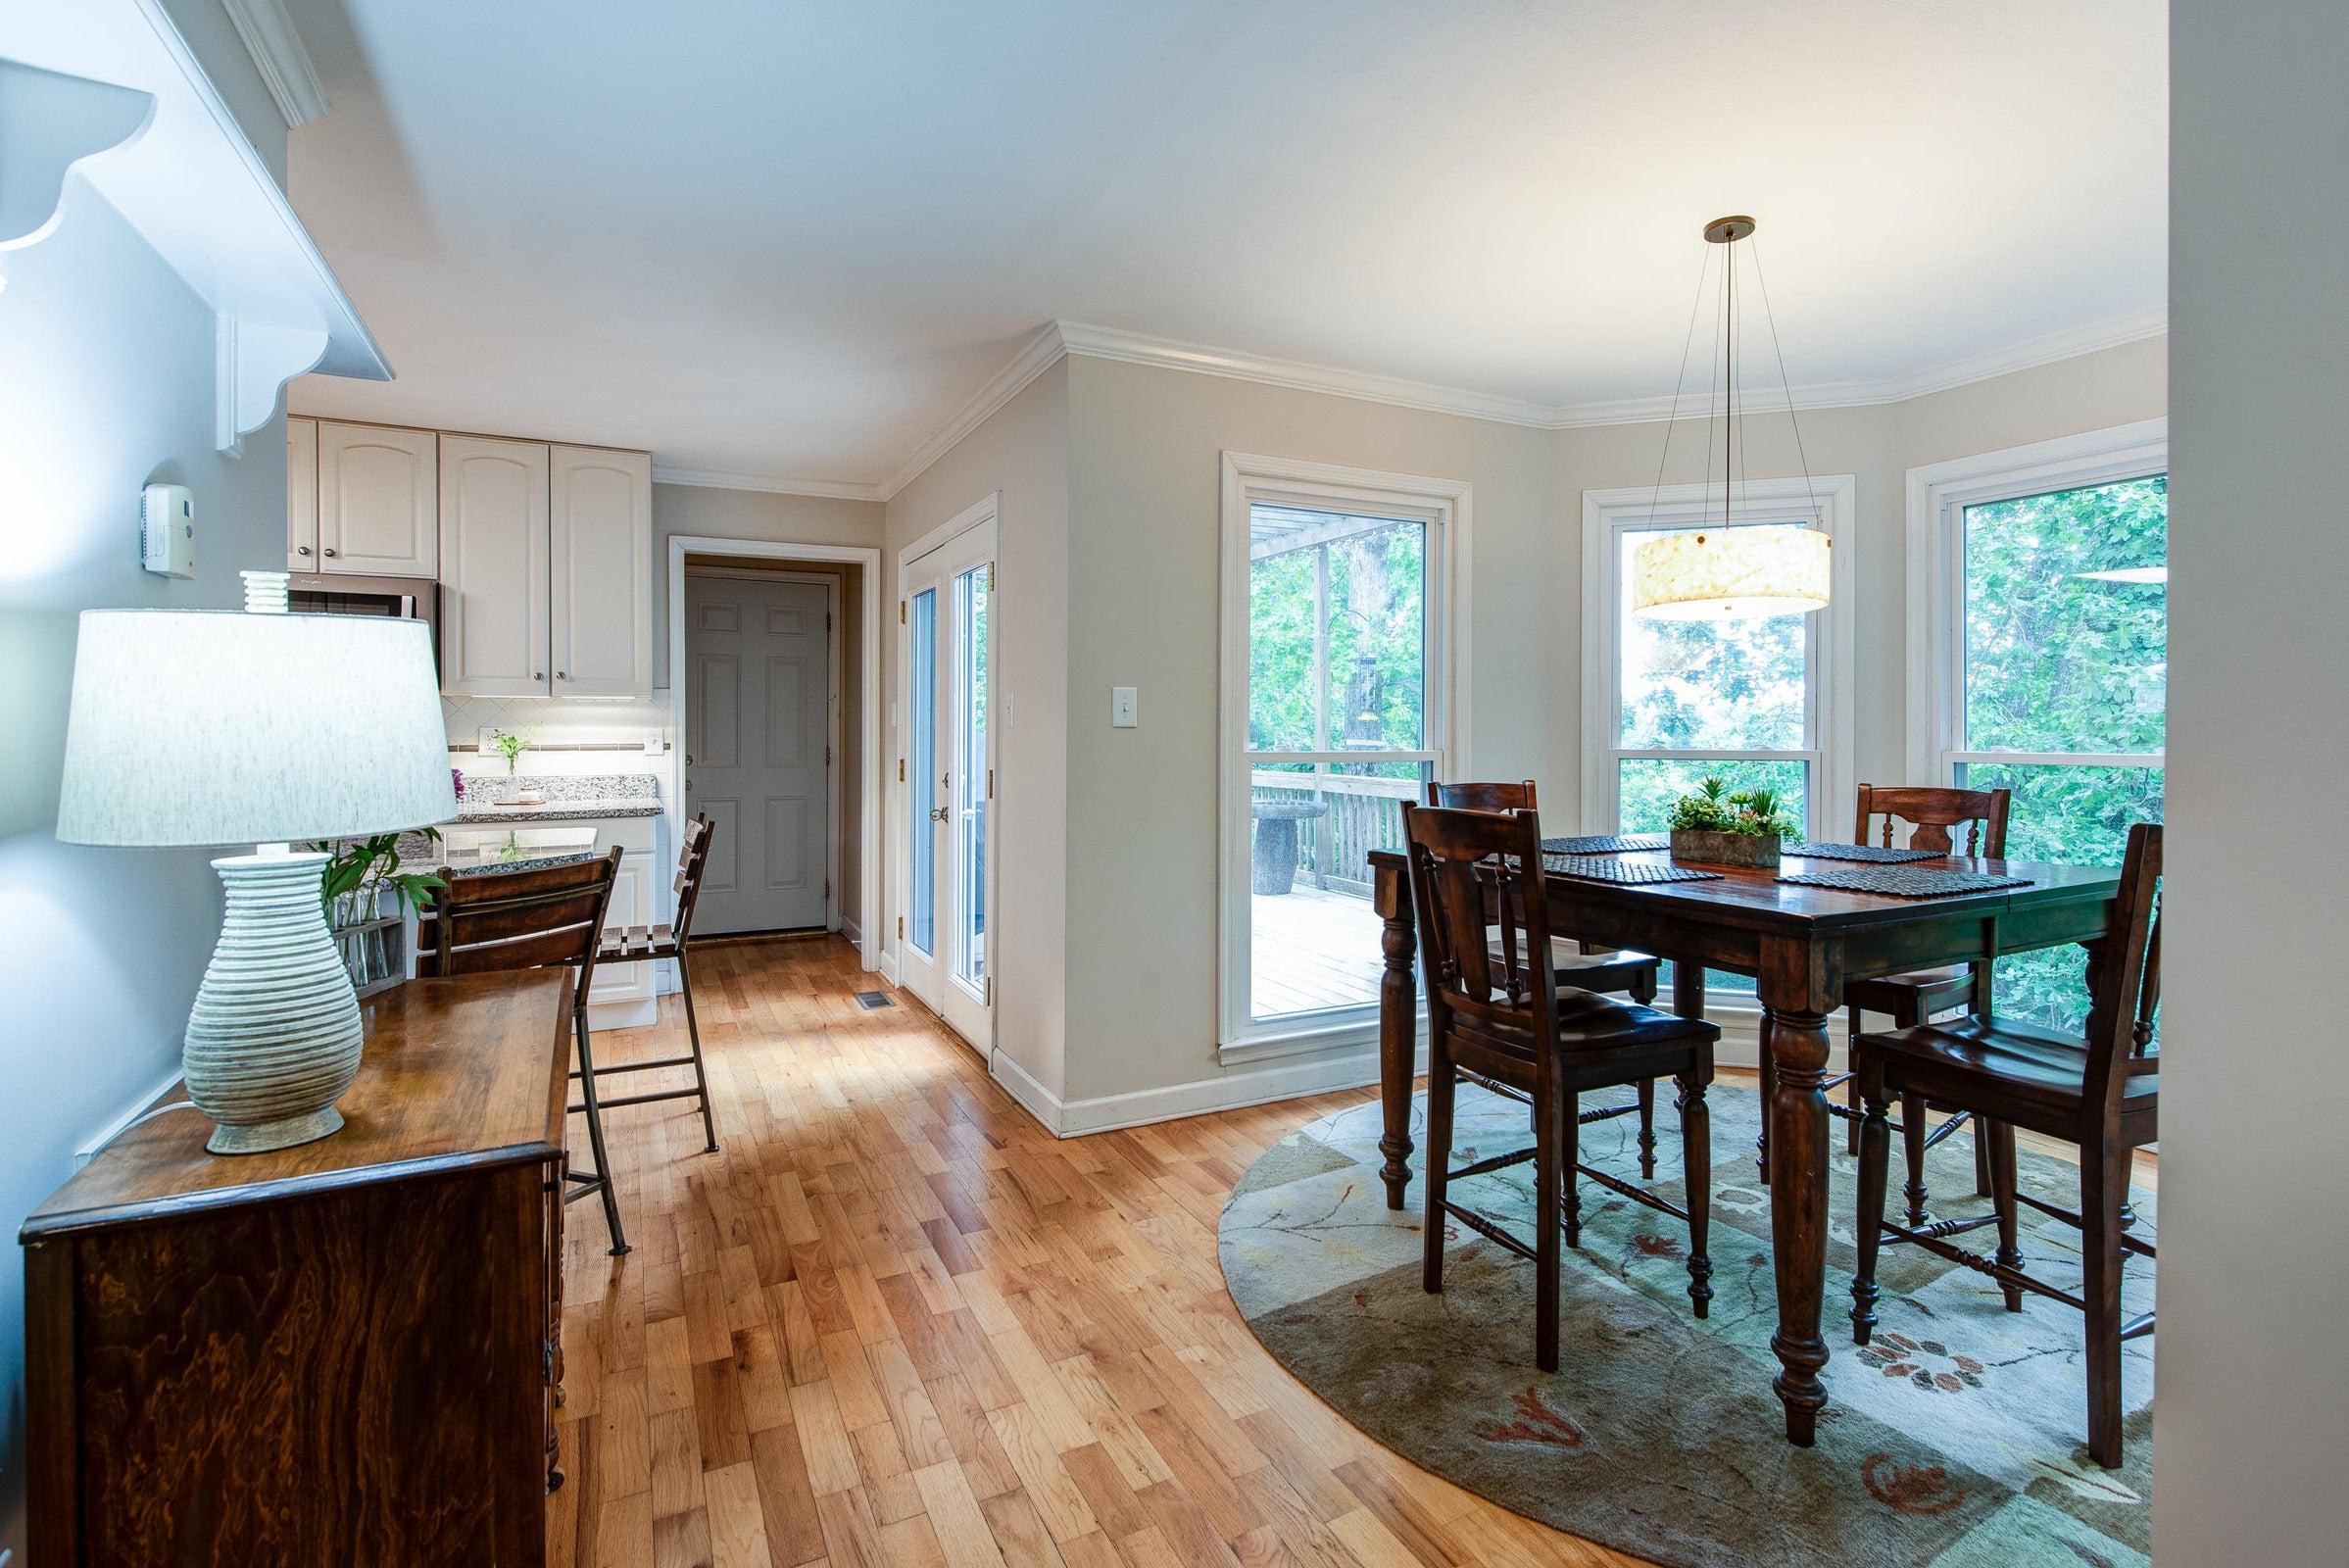 main floor - breakfast nook and kitchen